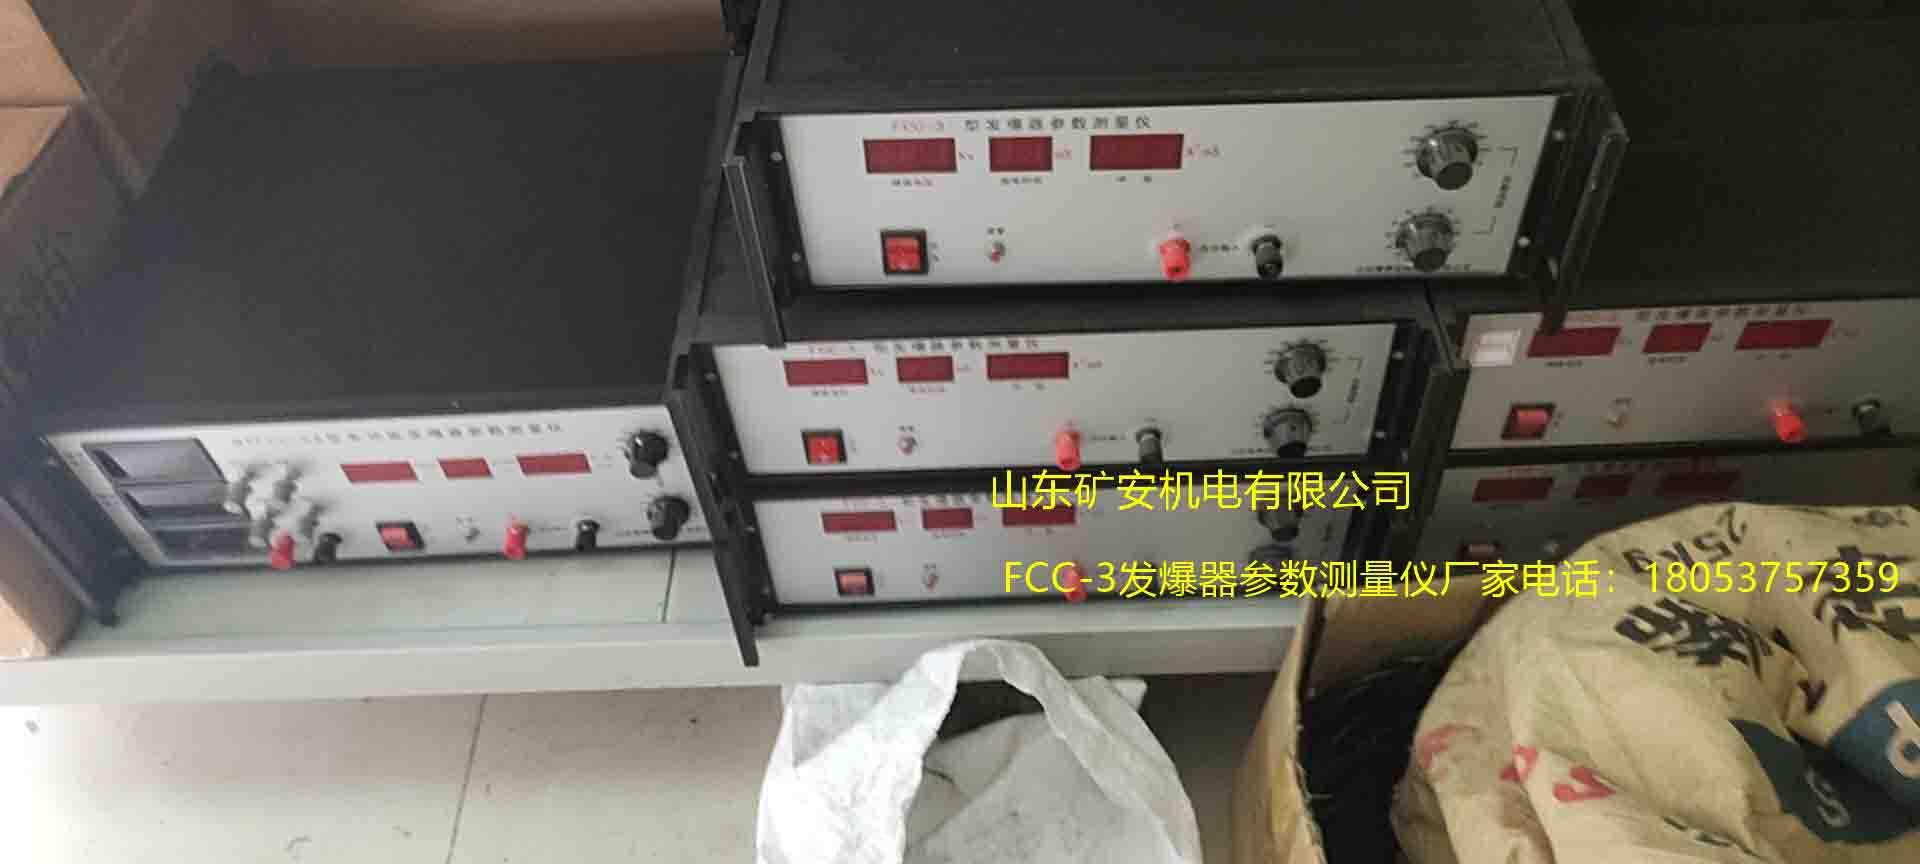 检测电容式发爆器的设备FCC-3发爆器参数测试仪